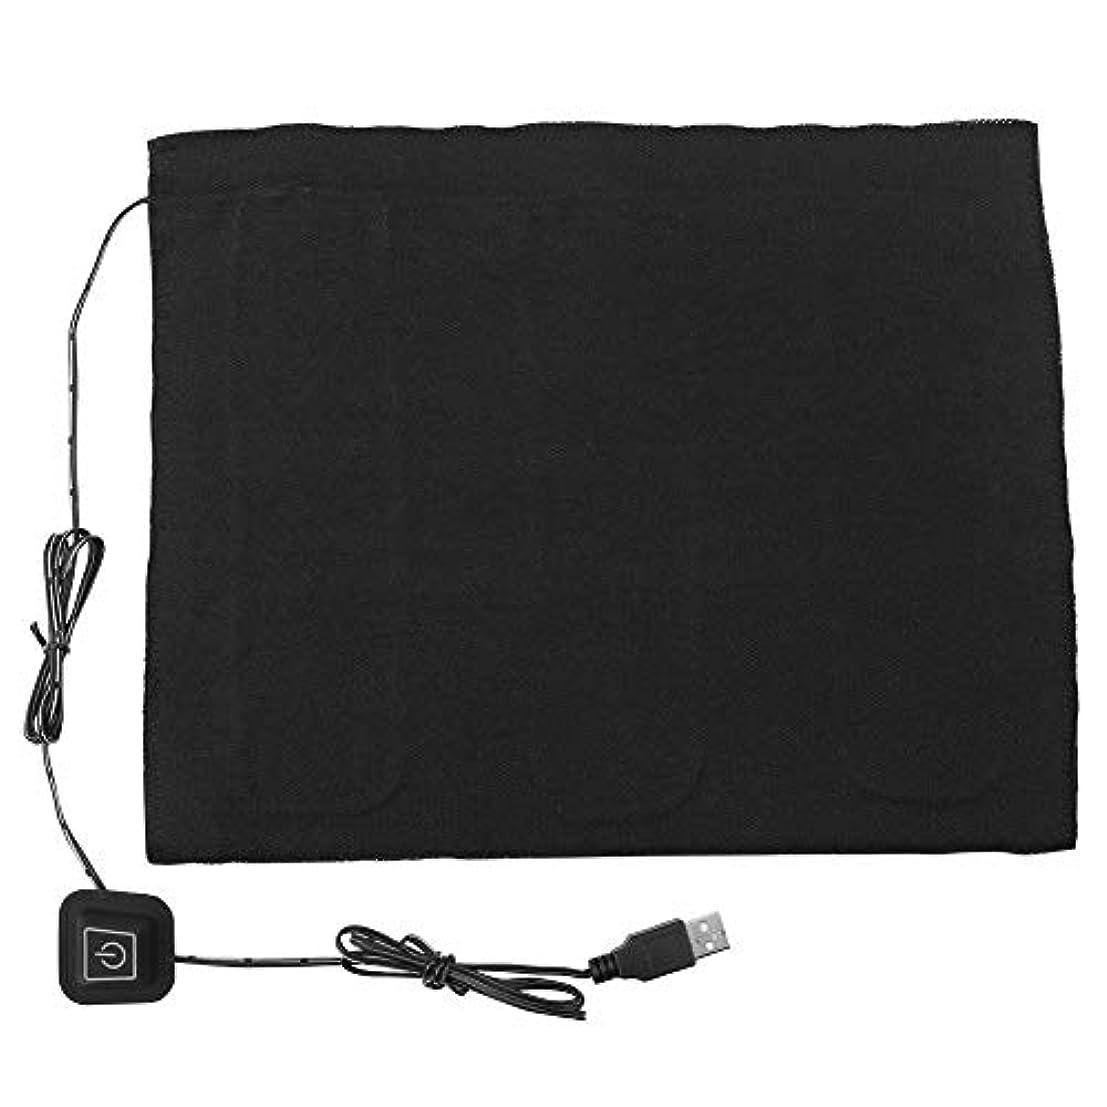 電気布ヒーターパッド、首の腹部の腰部加熱、加熱パッドペットウォーマー用DC 5 v 3シフトUSB発熱体